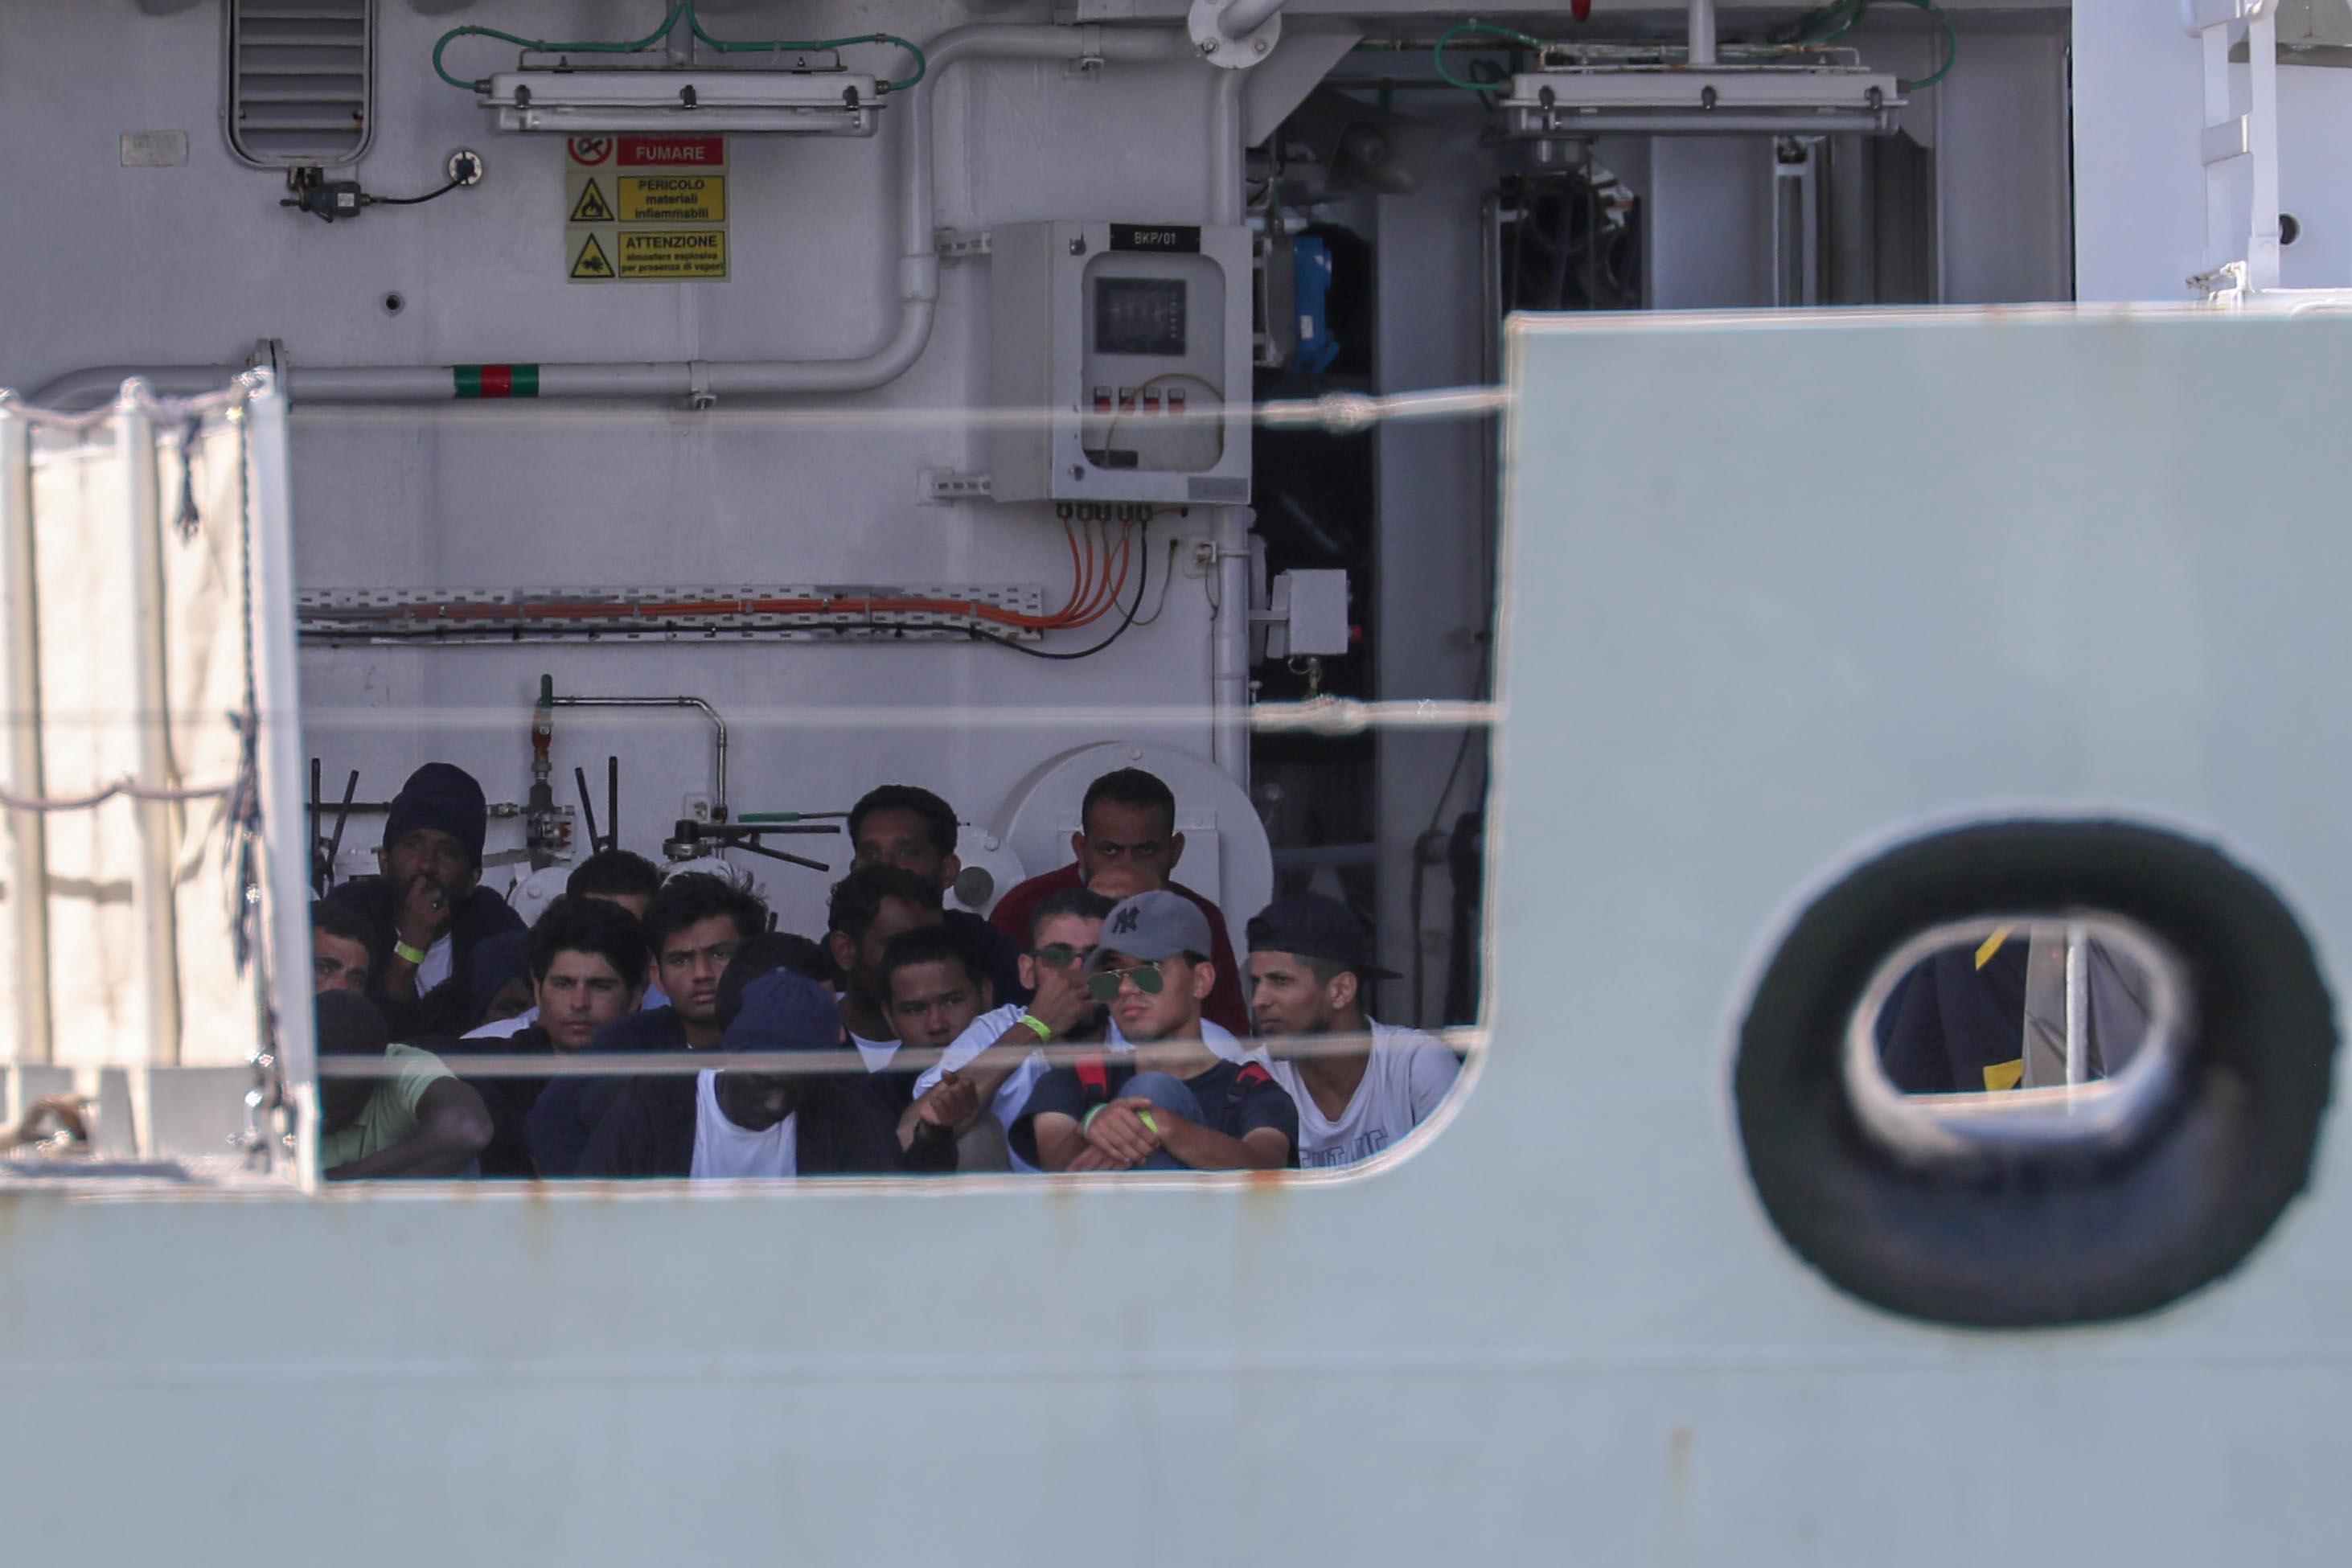 Italija spasila migrante, sad traži države koje će ih primiti